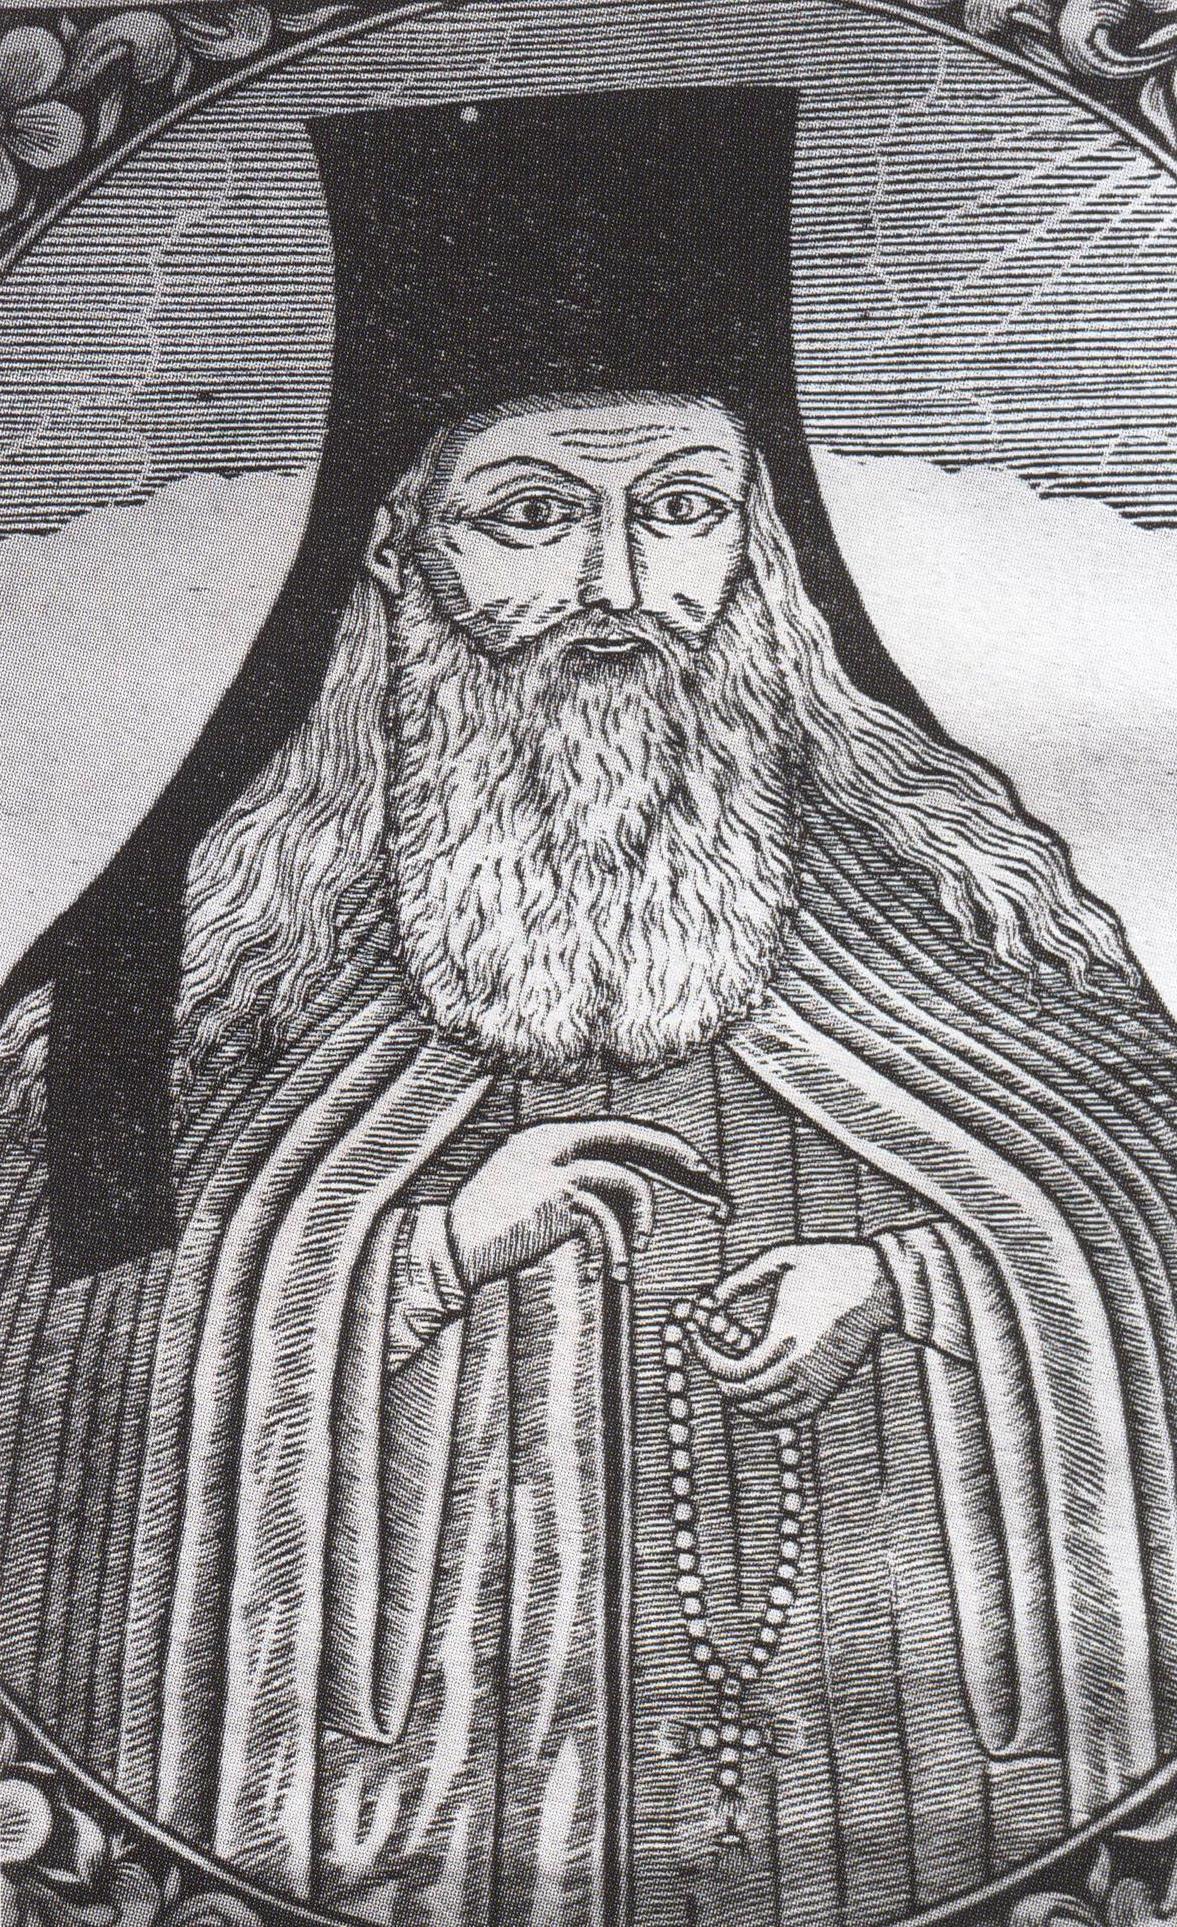 Ο όσιος Παΐσιος Βελιτσκόφσκυ σε παλαίτυπο της Μονής Νεάμτς.